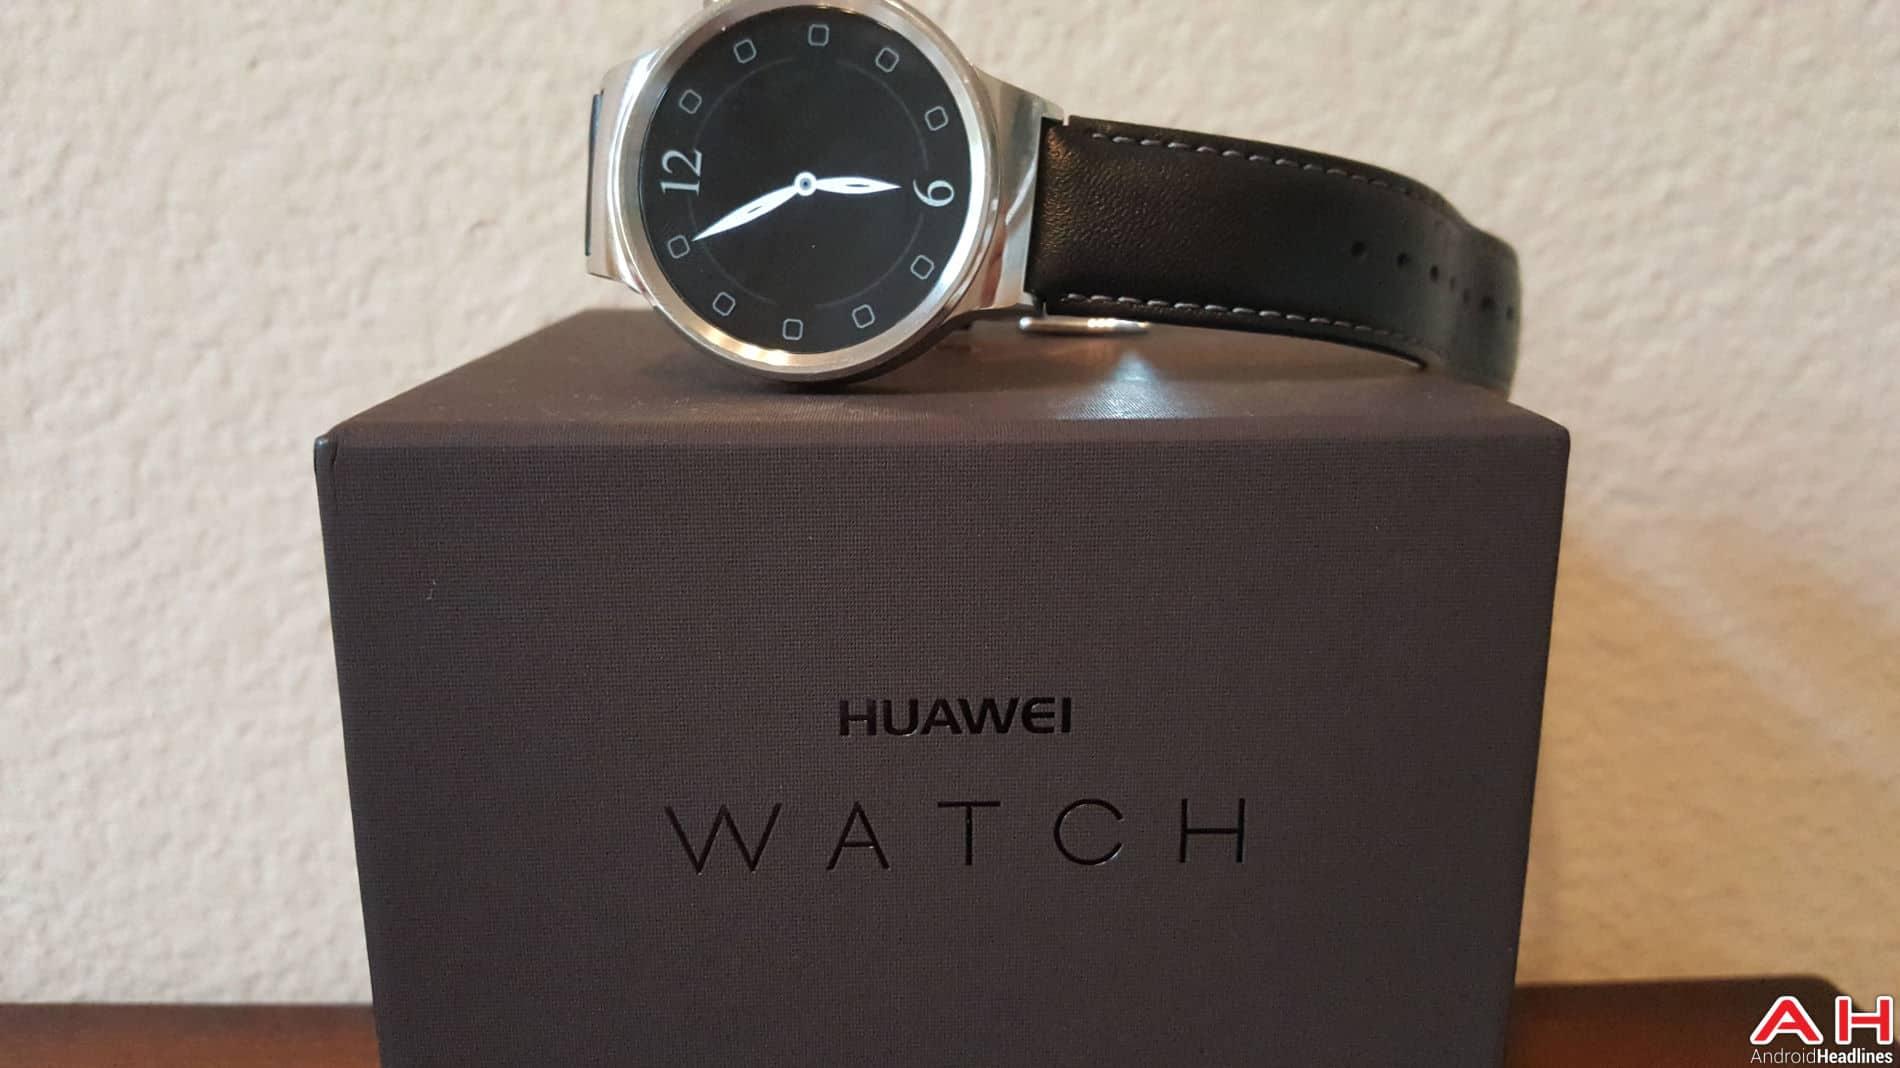 Huawei Watch AH-129